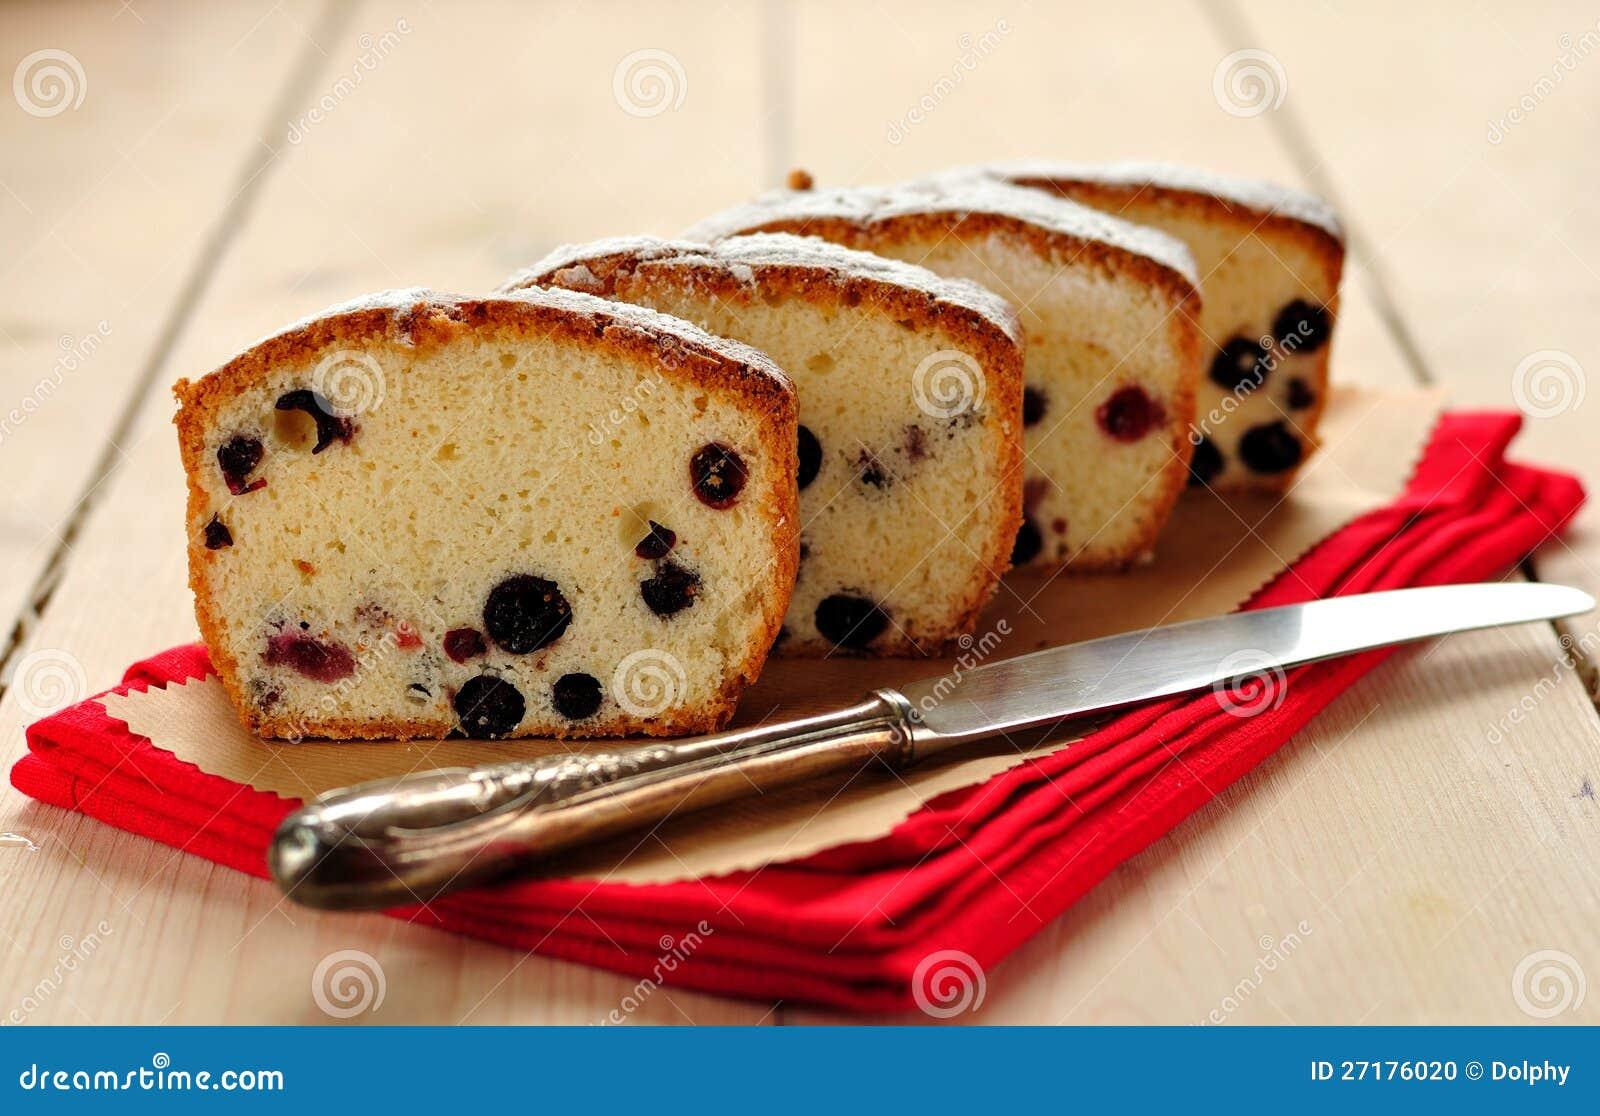 Eiweiss Kuchen Mit Beeren Stockfoto Bild Von Verrucktes 27176020